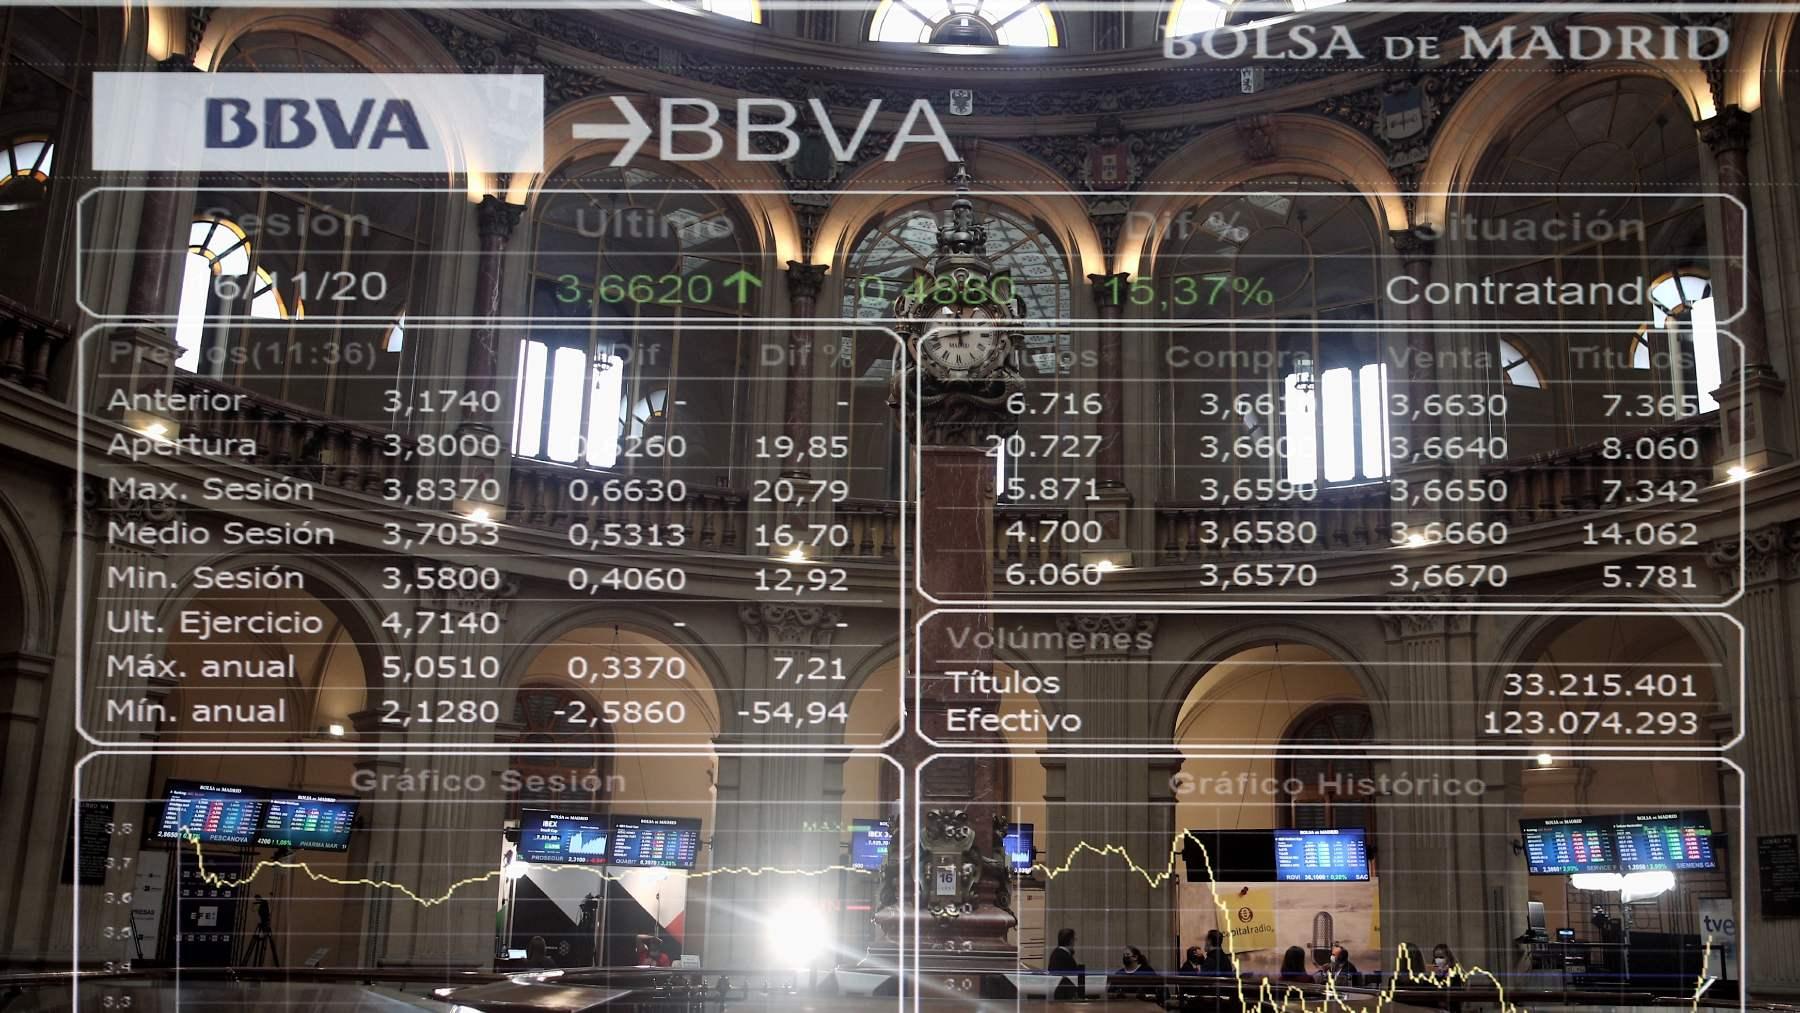 Imagen de BBVA en la Bolsa de Madrid.